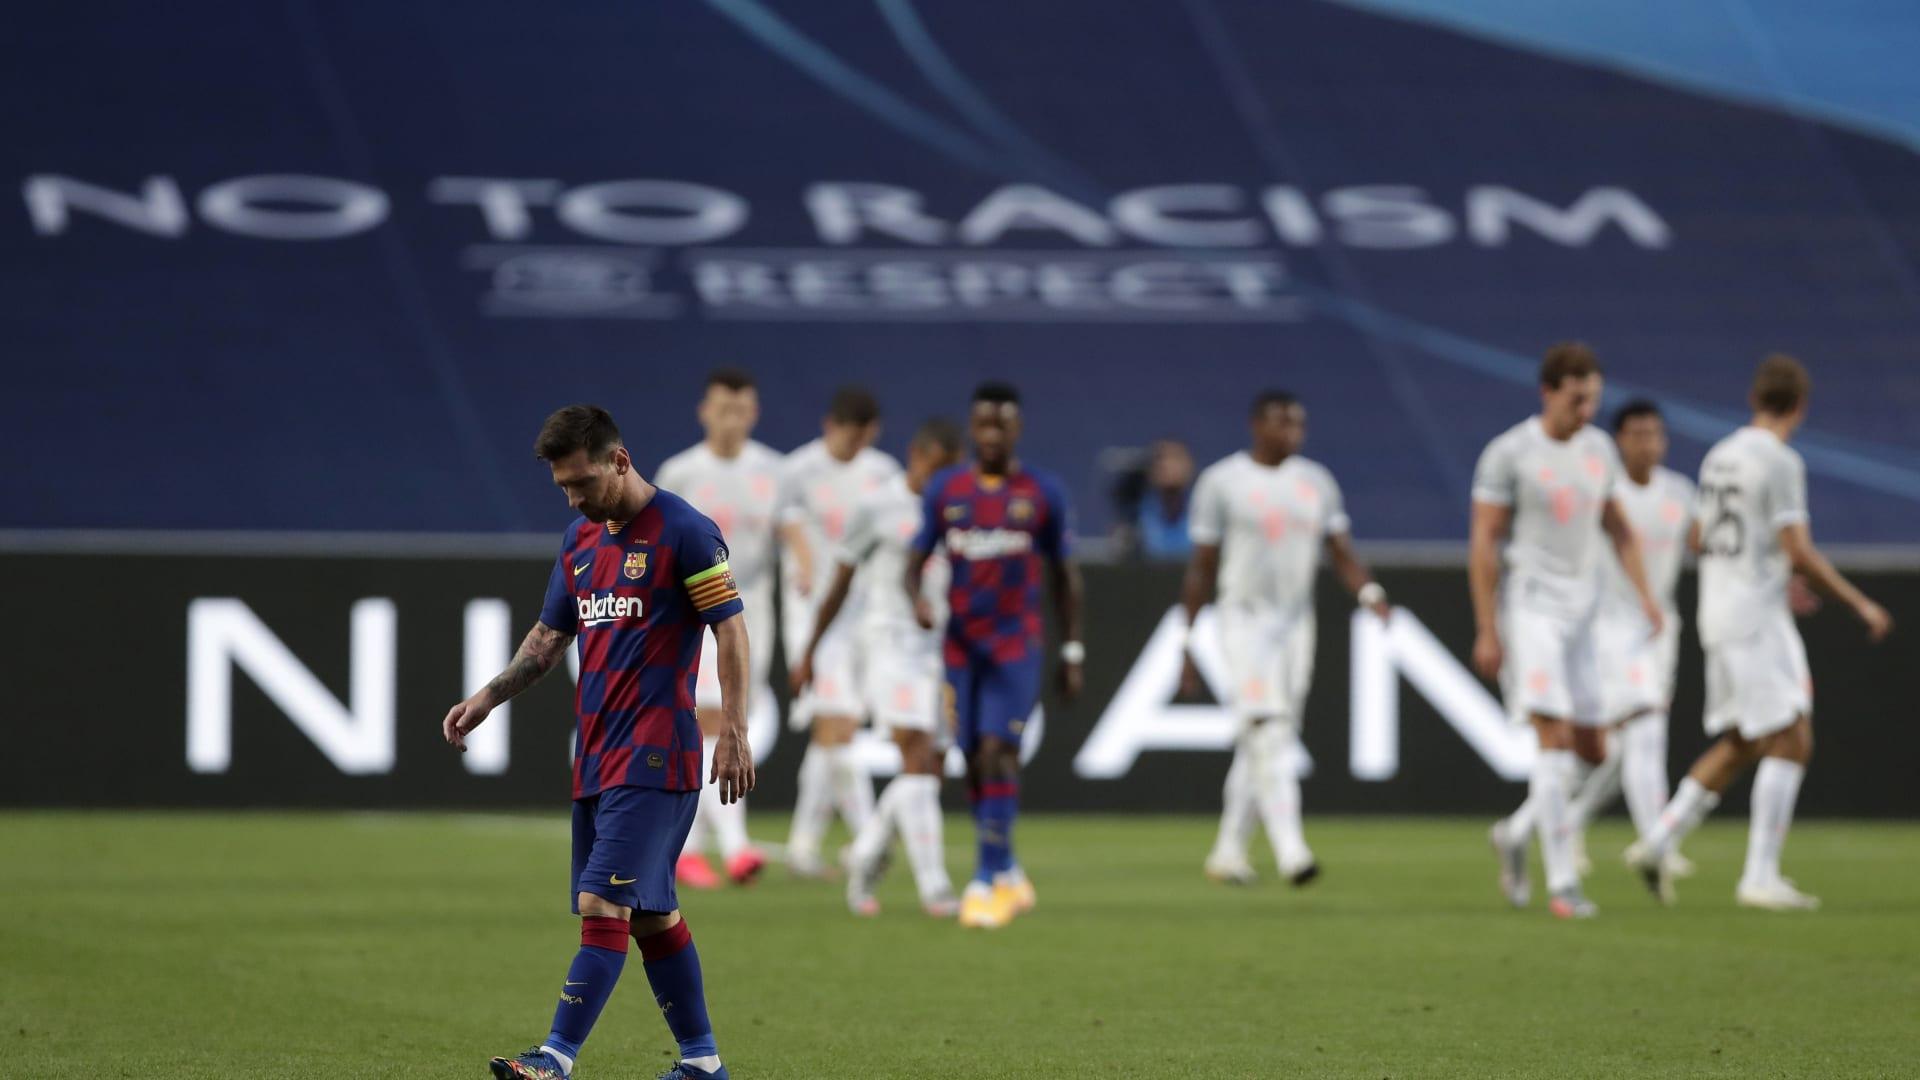 """هزيمة ثقيلة لبرشلونة على يد بايرن ميونخ بدوري أبطال أوروبا.. ورئيس النادي: """"كارثة"""""""